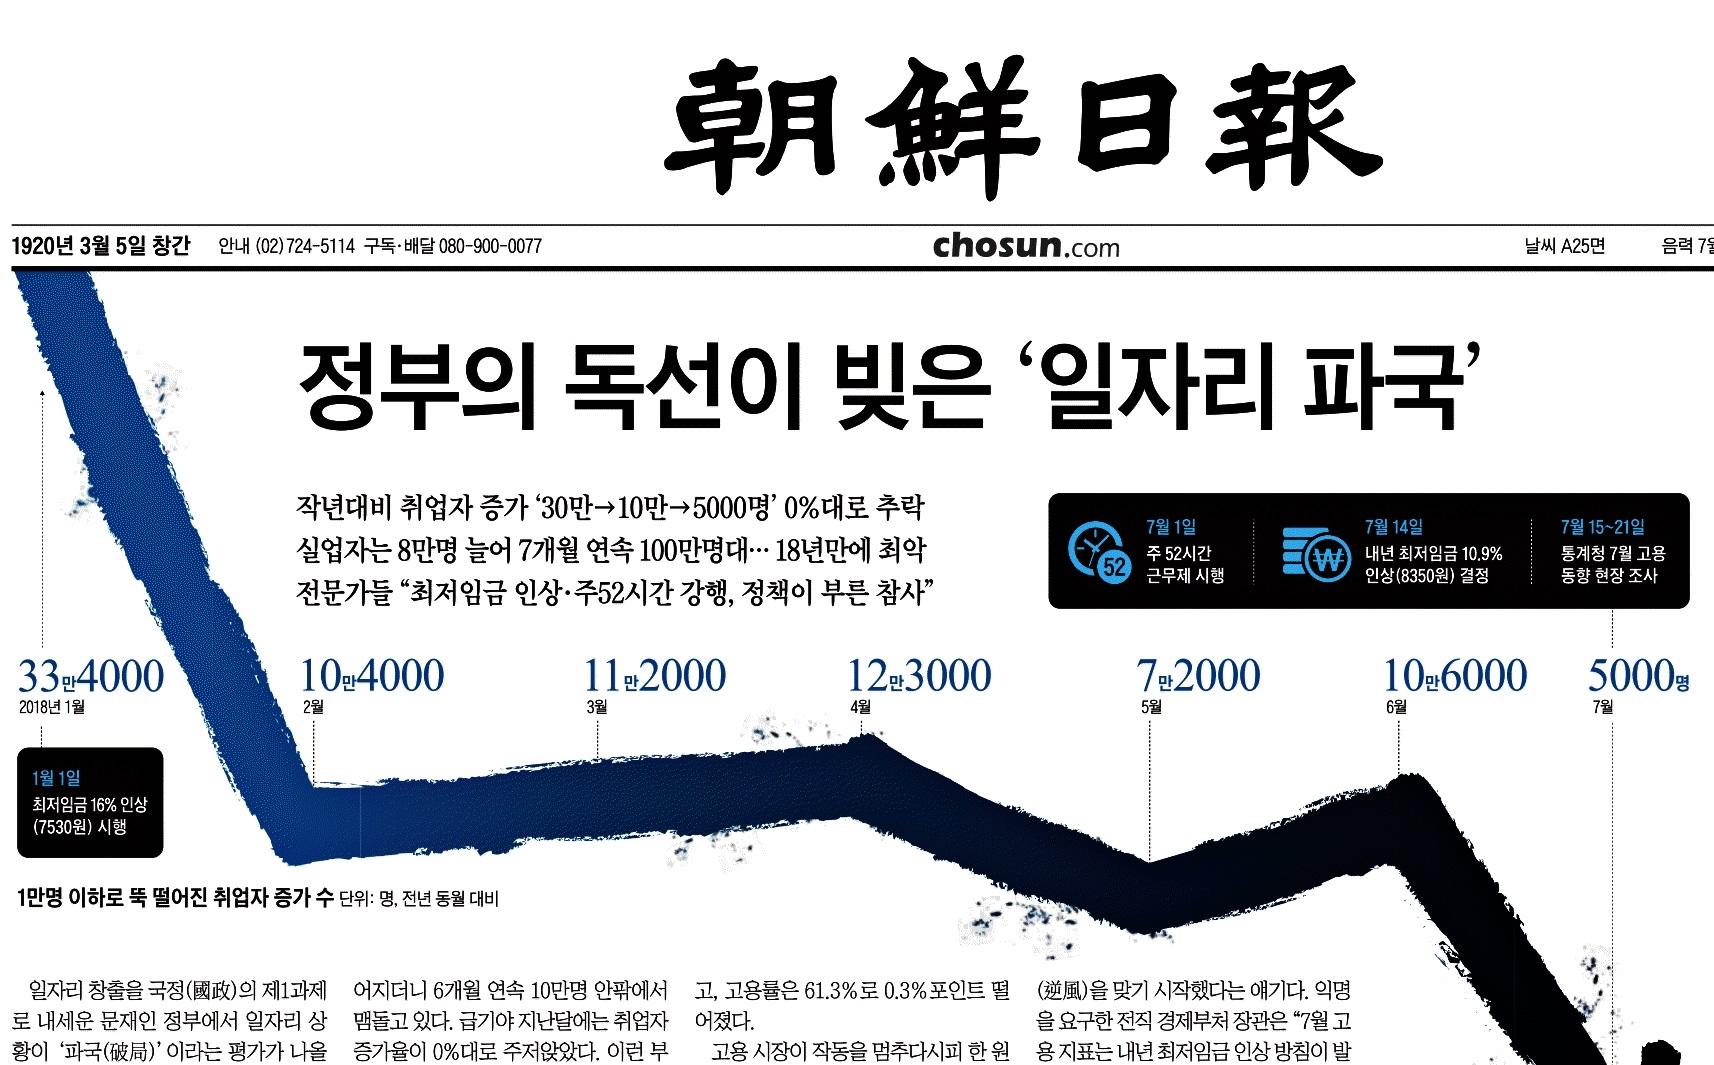 조선일보 짤.jpg